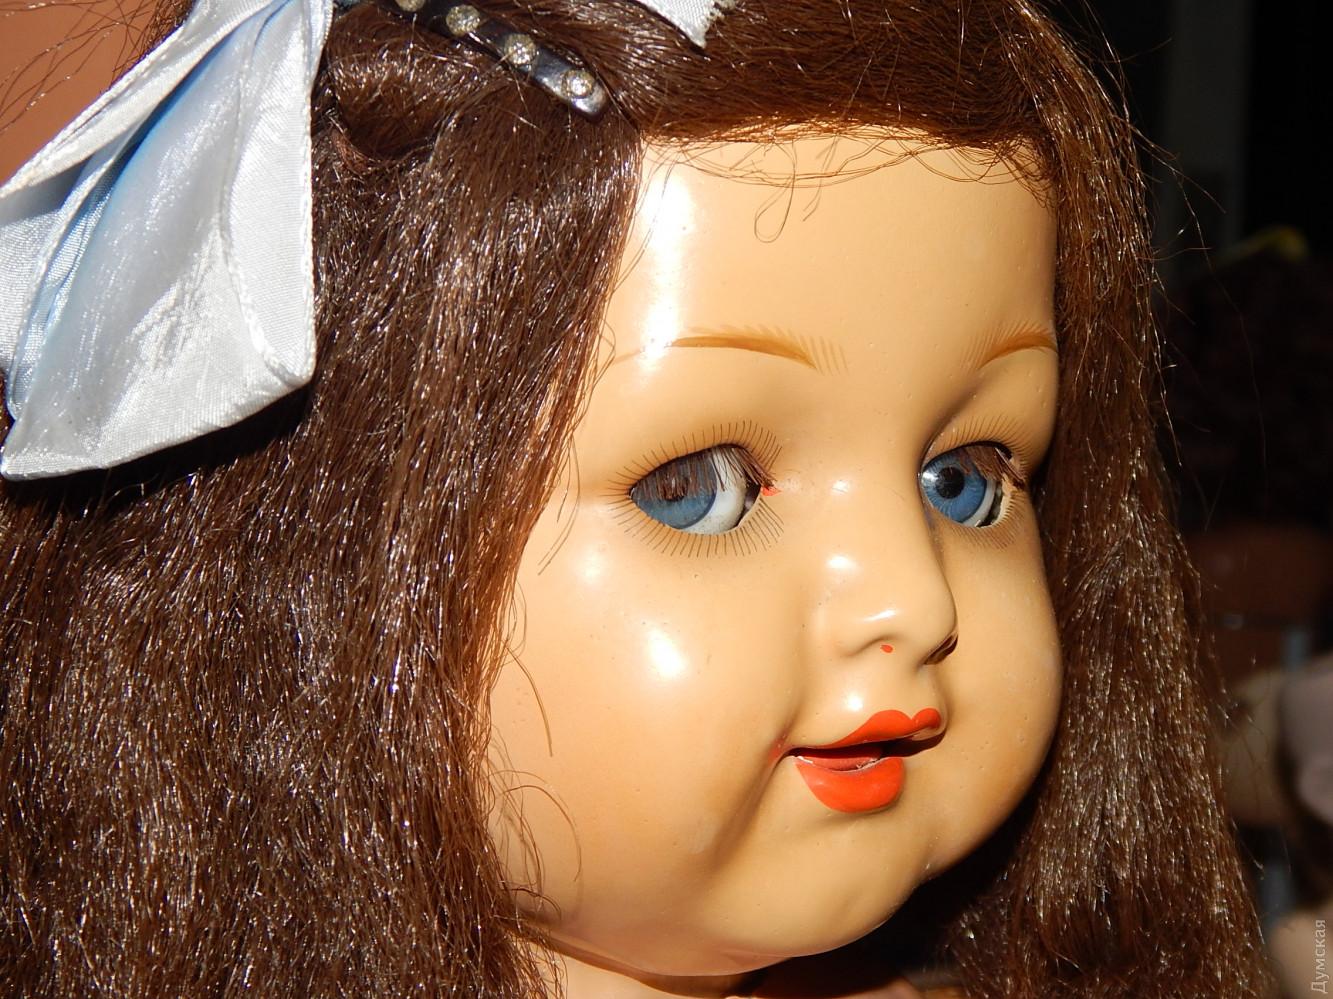 О том, что видели куклы, что у них под юбкой и о чудовищных трансмутациях игрушек